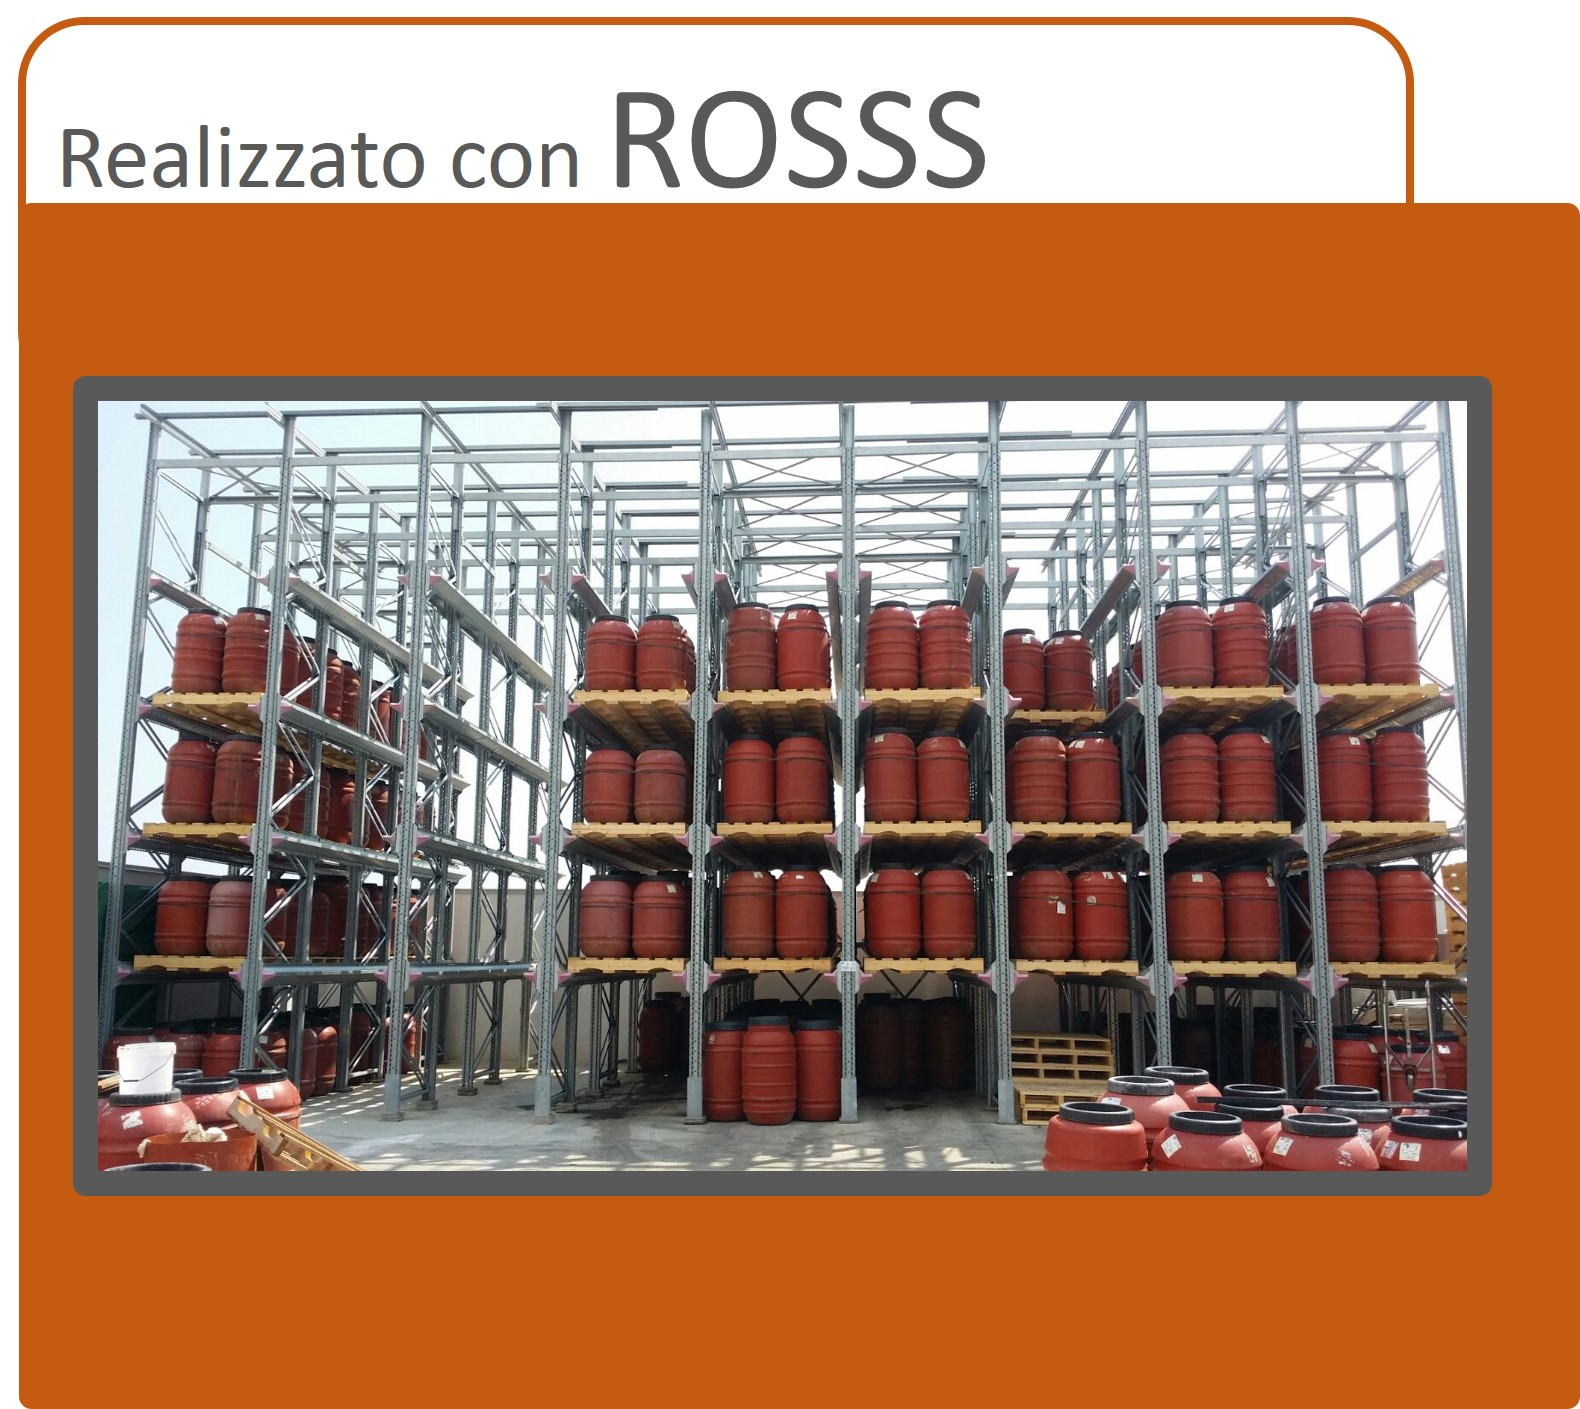 banner 19 ROSSS